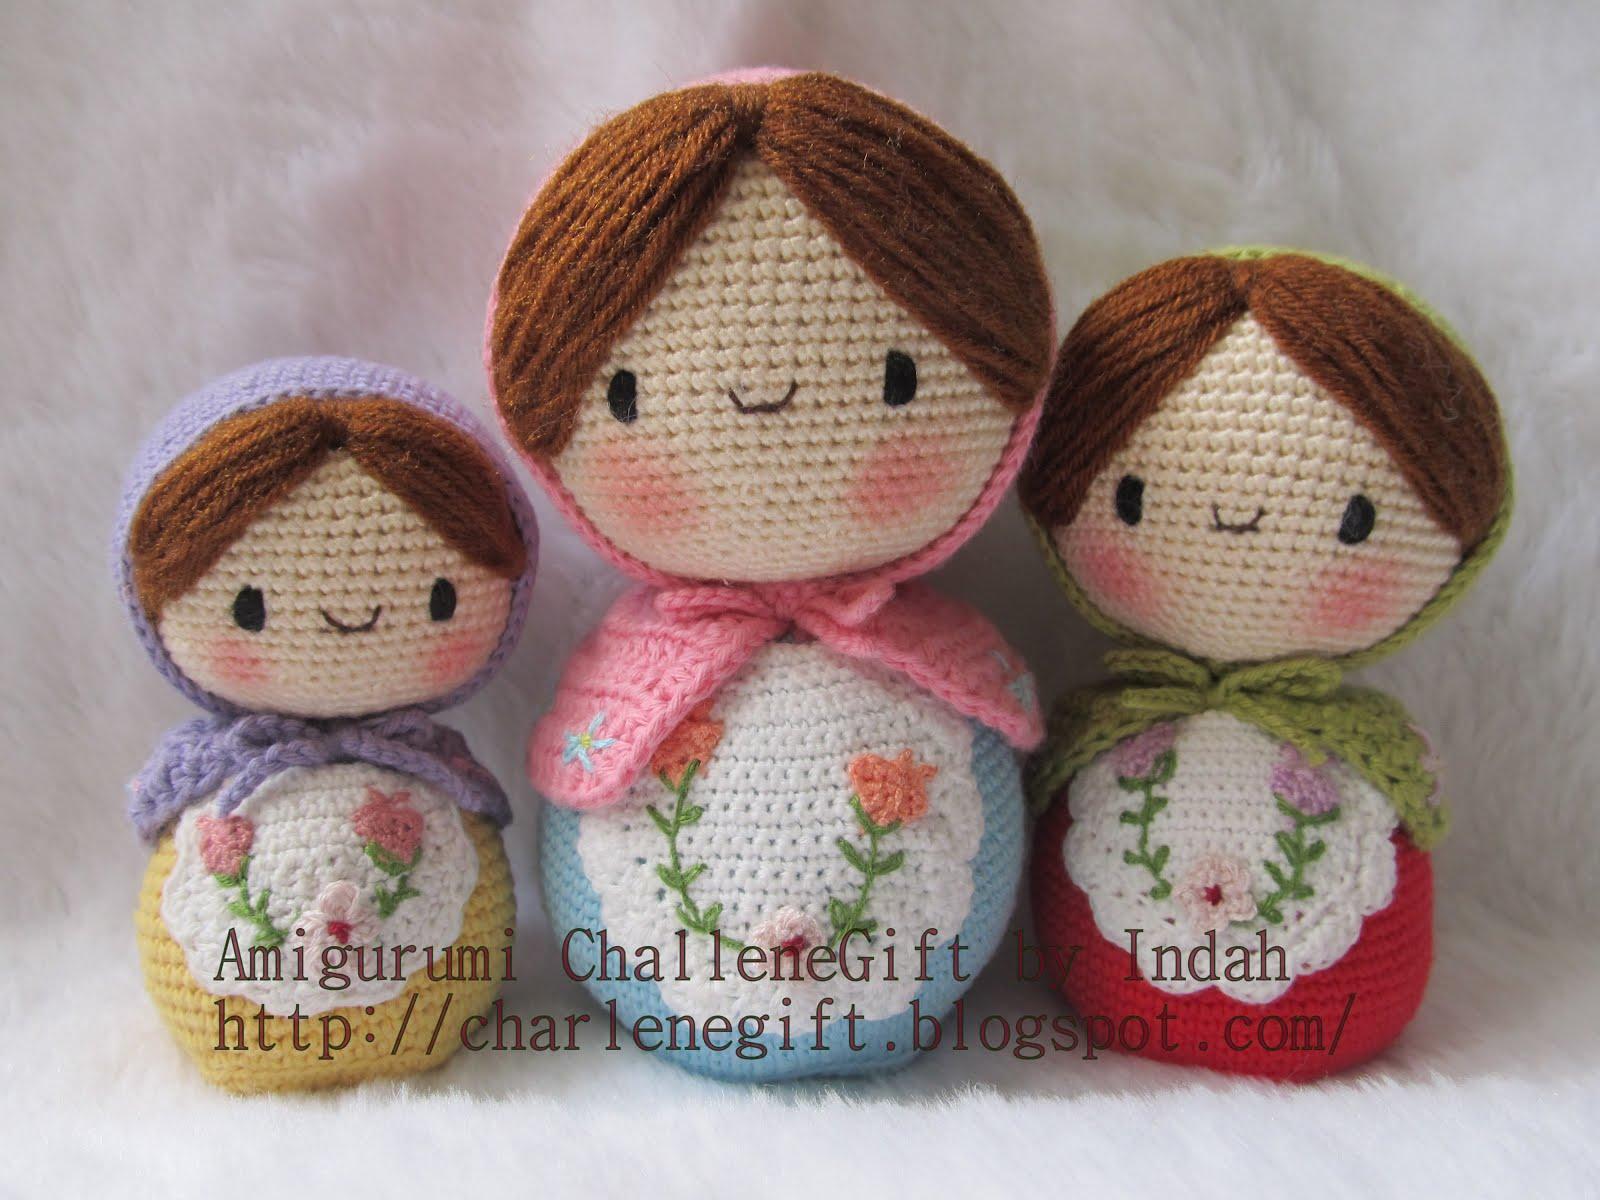 Amigurumi Boneka : Amigurumi charlene gift n craft matryoshka